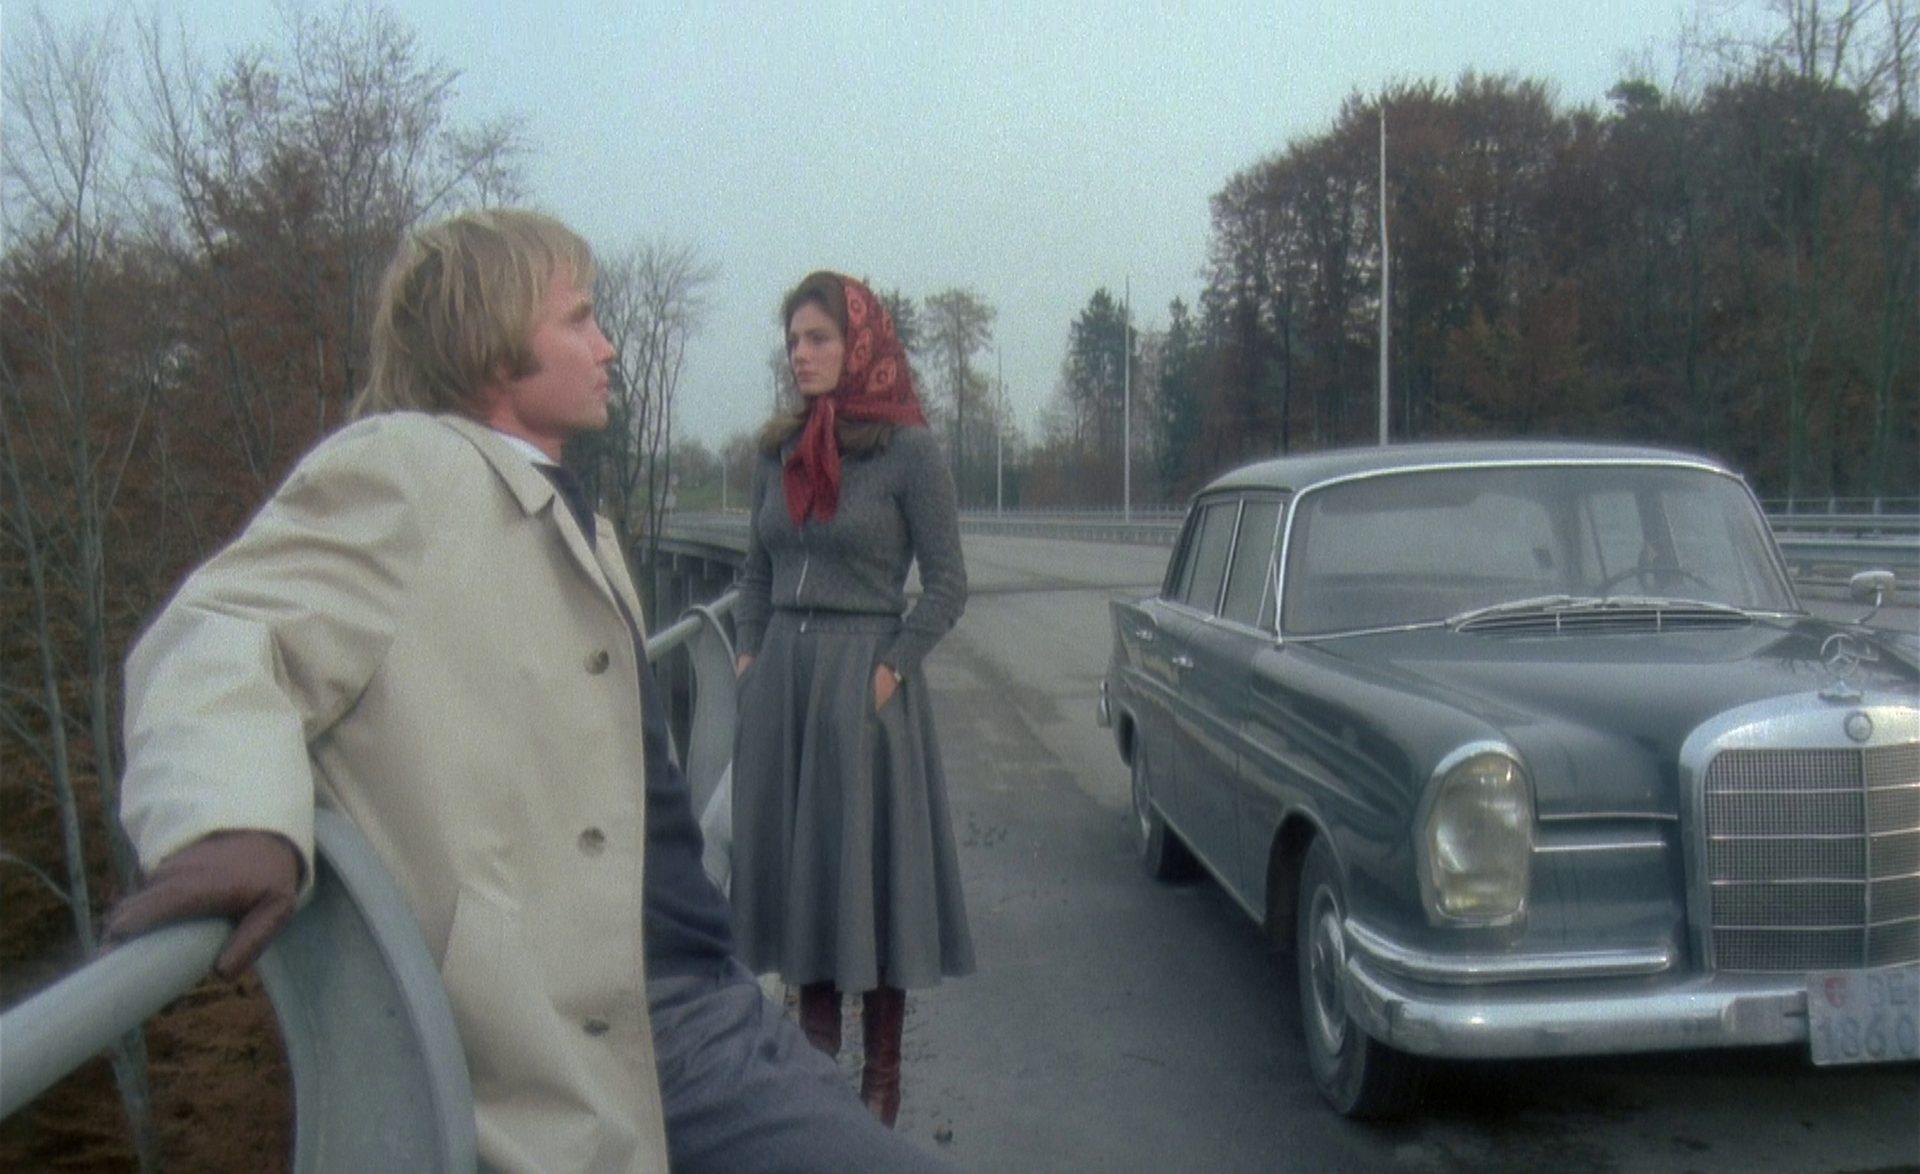 Szene aus 'Der Richter und sein Henker(1975)', Copyright: Concorde Home Entertainment, MFG-Film, American Film Properties Two